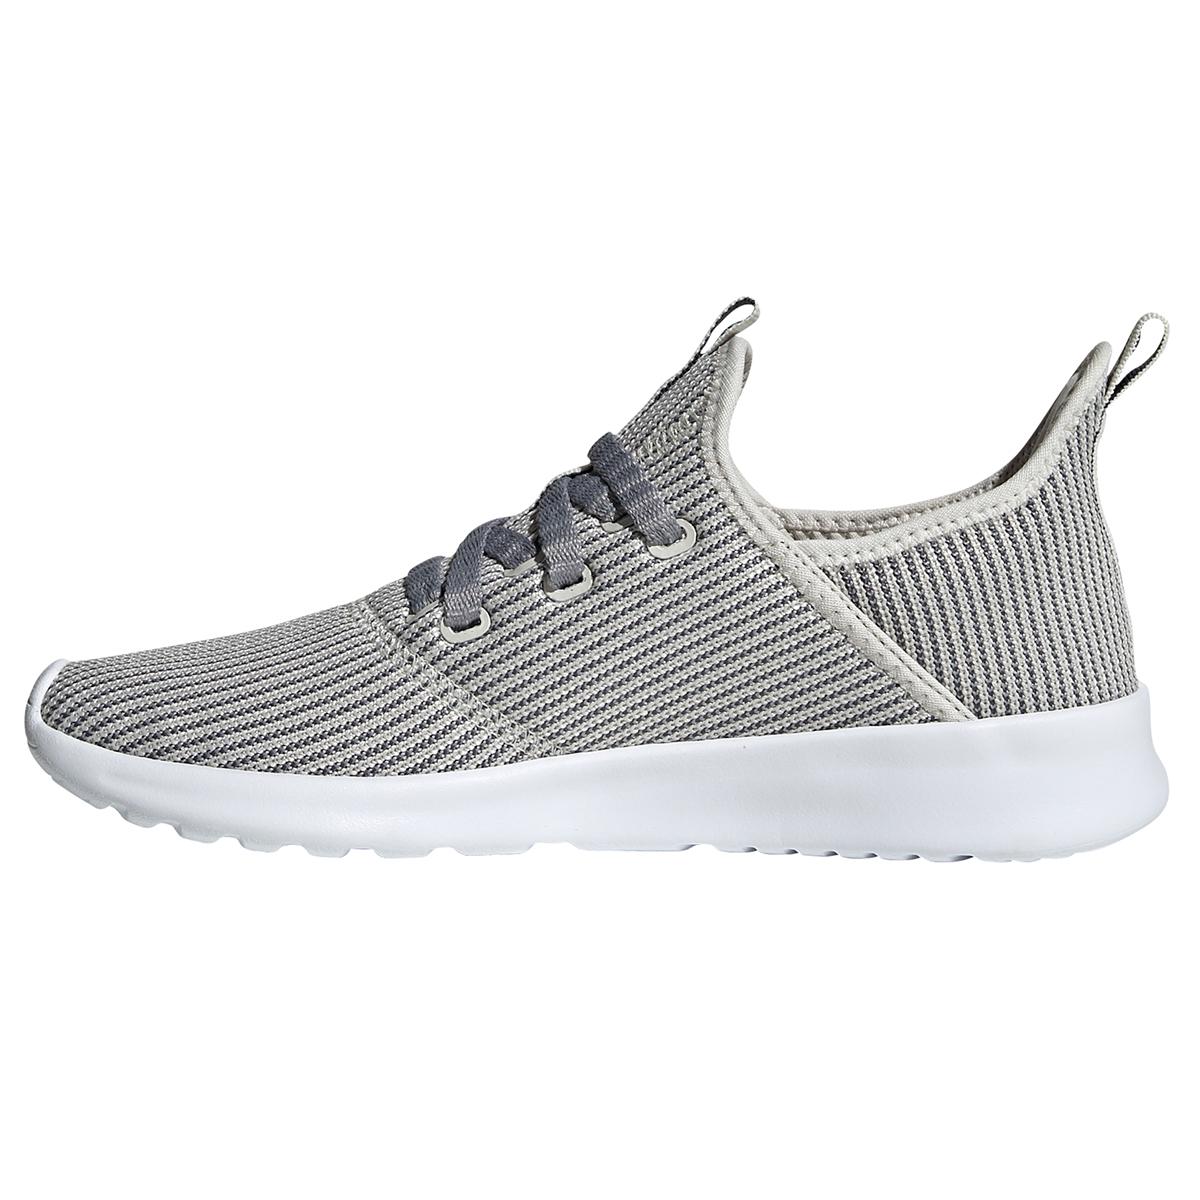 adidas women's cloudfoam pure shoes